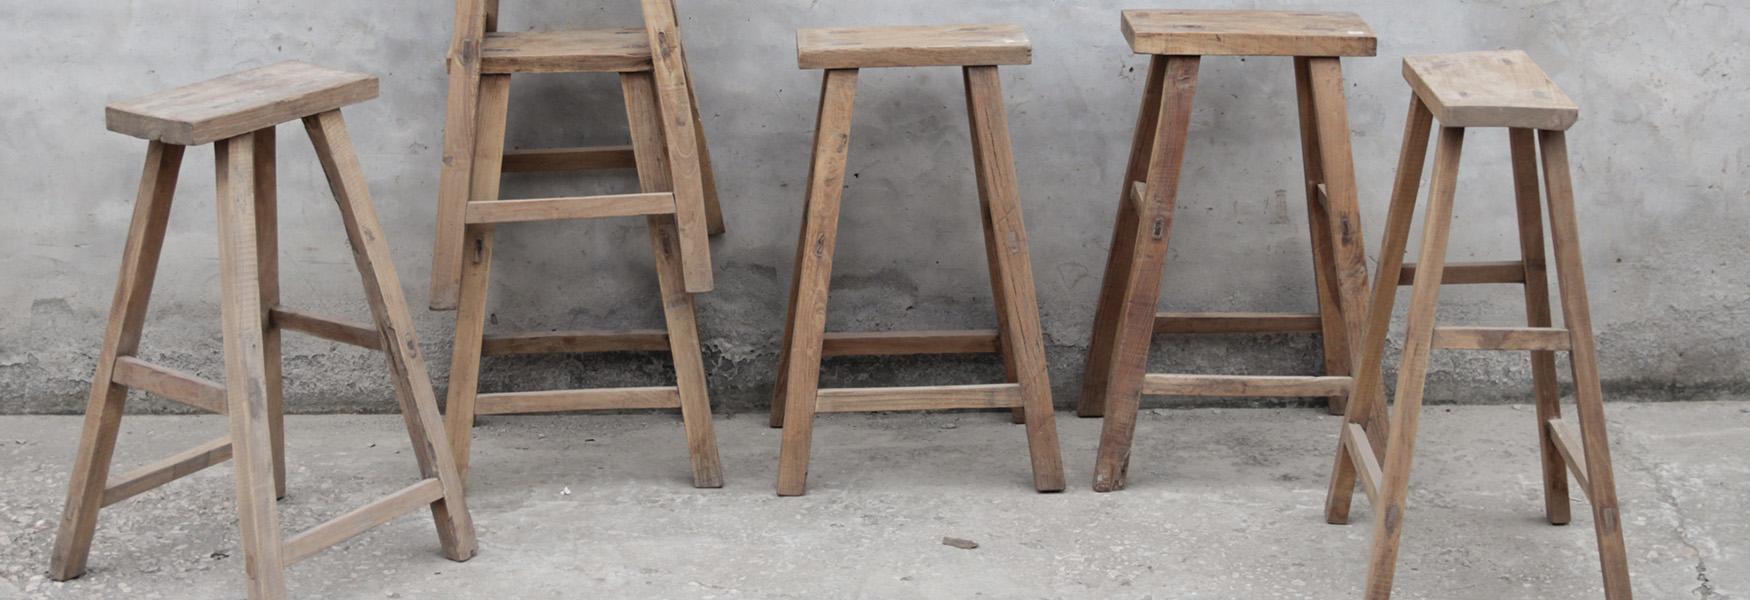 bar-stool-600.jpg